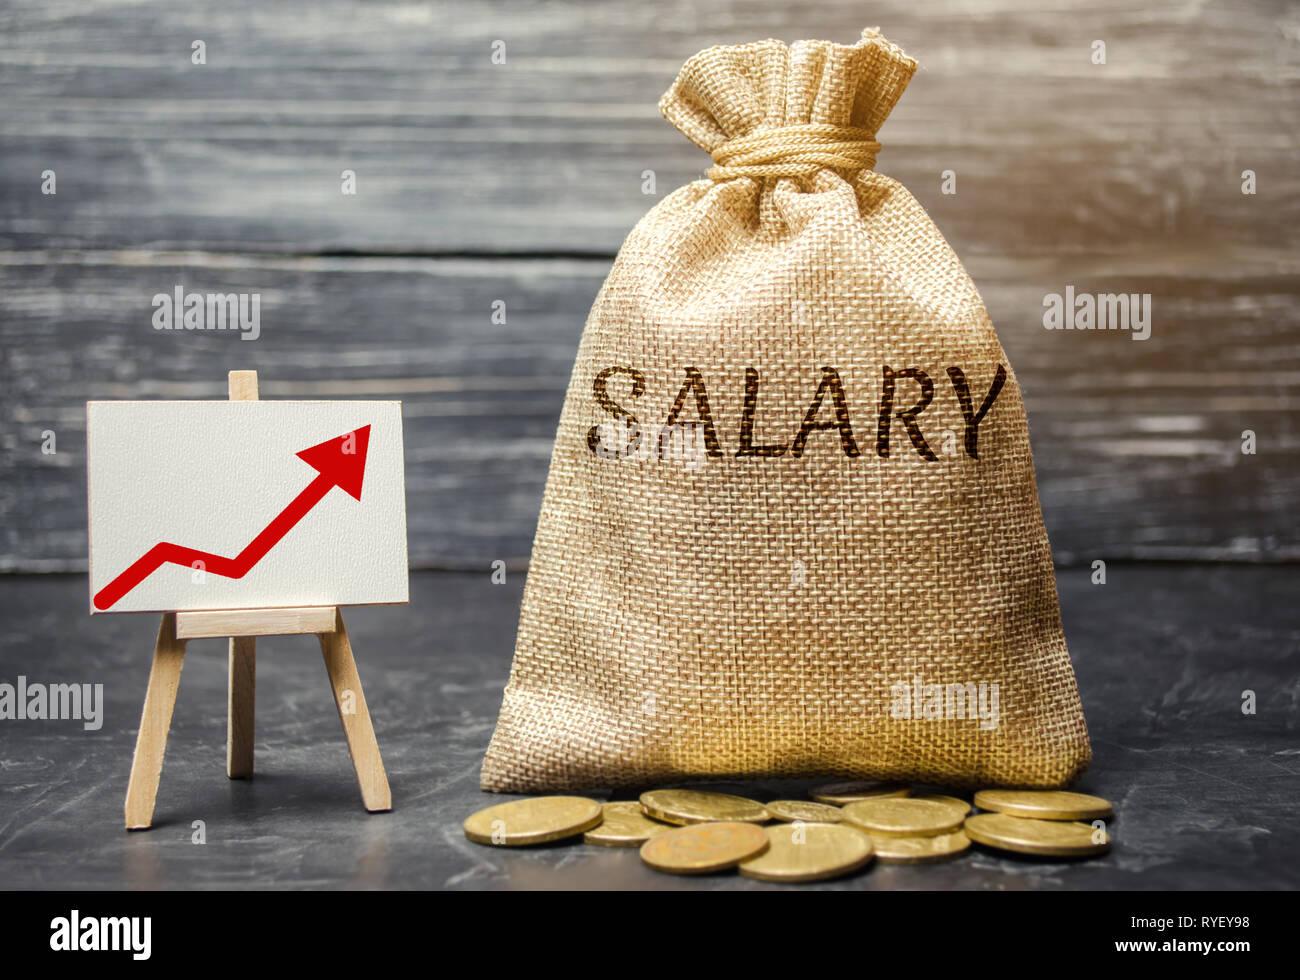 Beutel mit Geld und Wort Lohn- und Pfeil-nach-oben und Münzen. Der Anstieg der Gehälter, Löhne. Förderung. Karriere Wachstum. Die Hebung des Lebensstandards. Incre Stockfoto